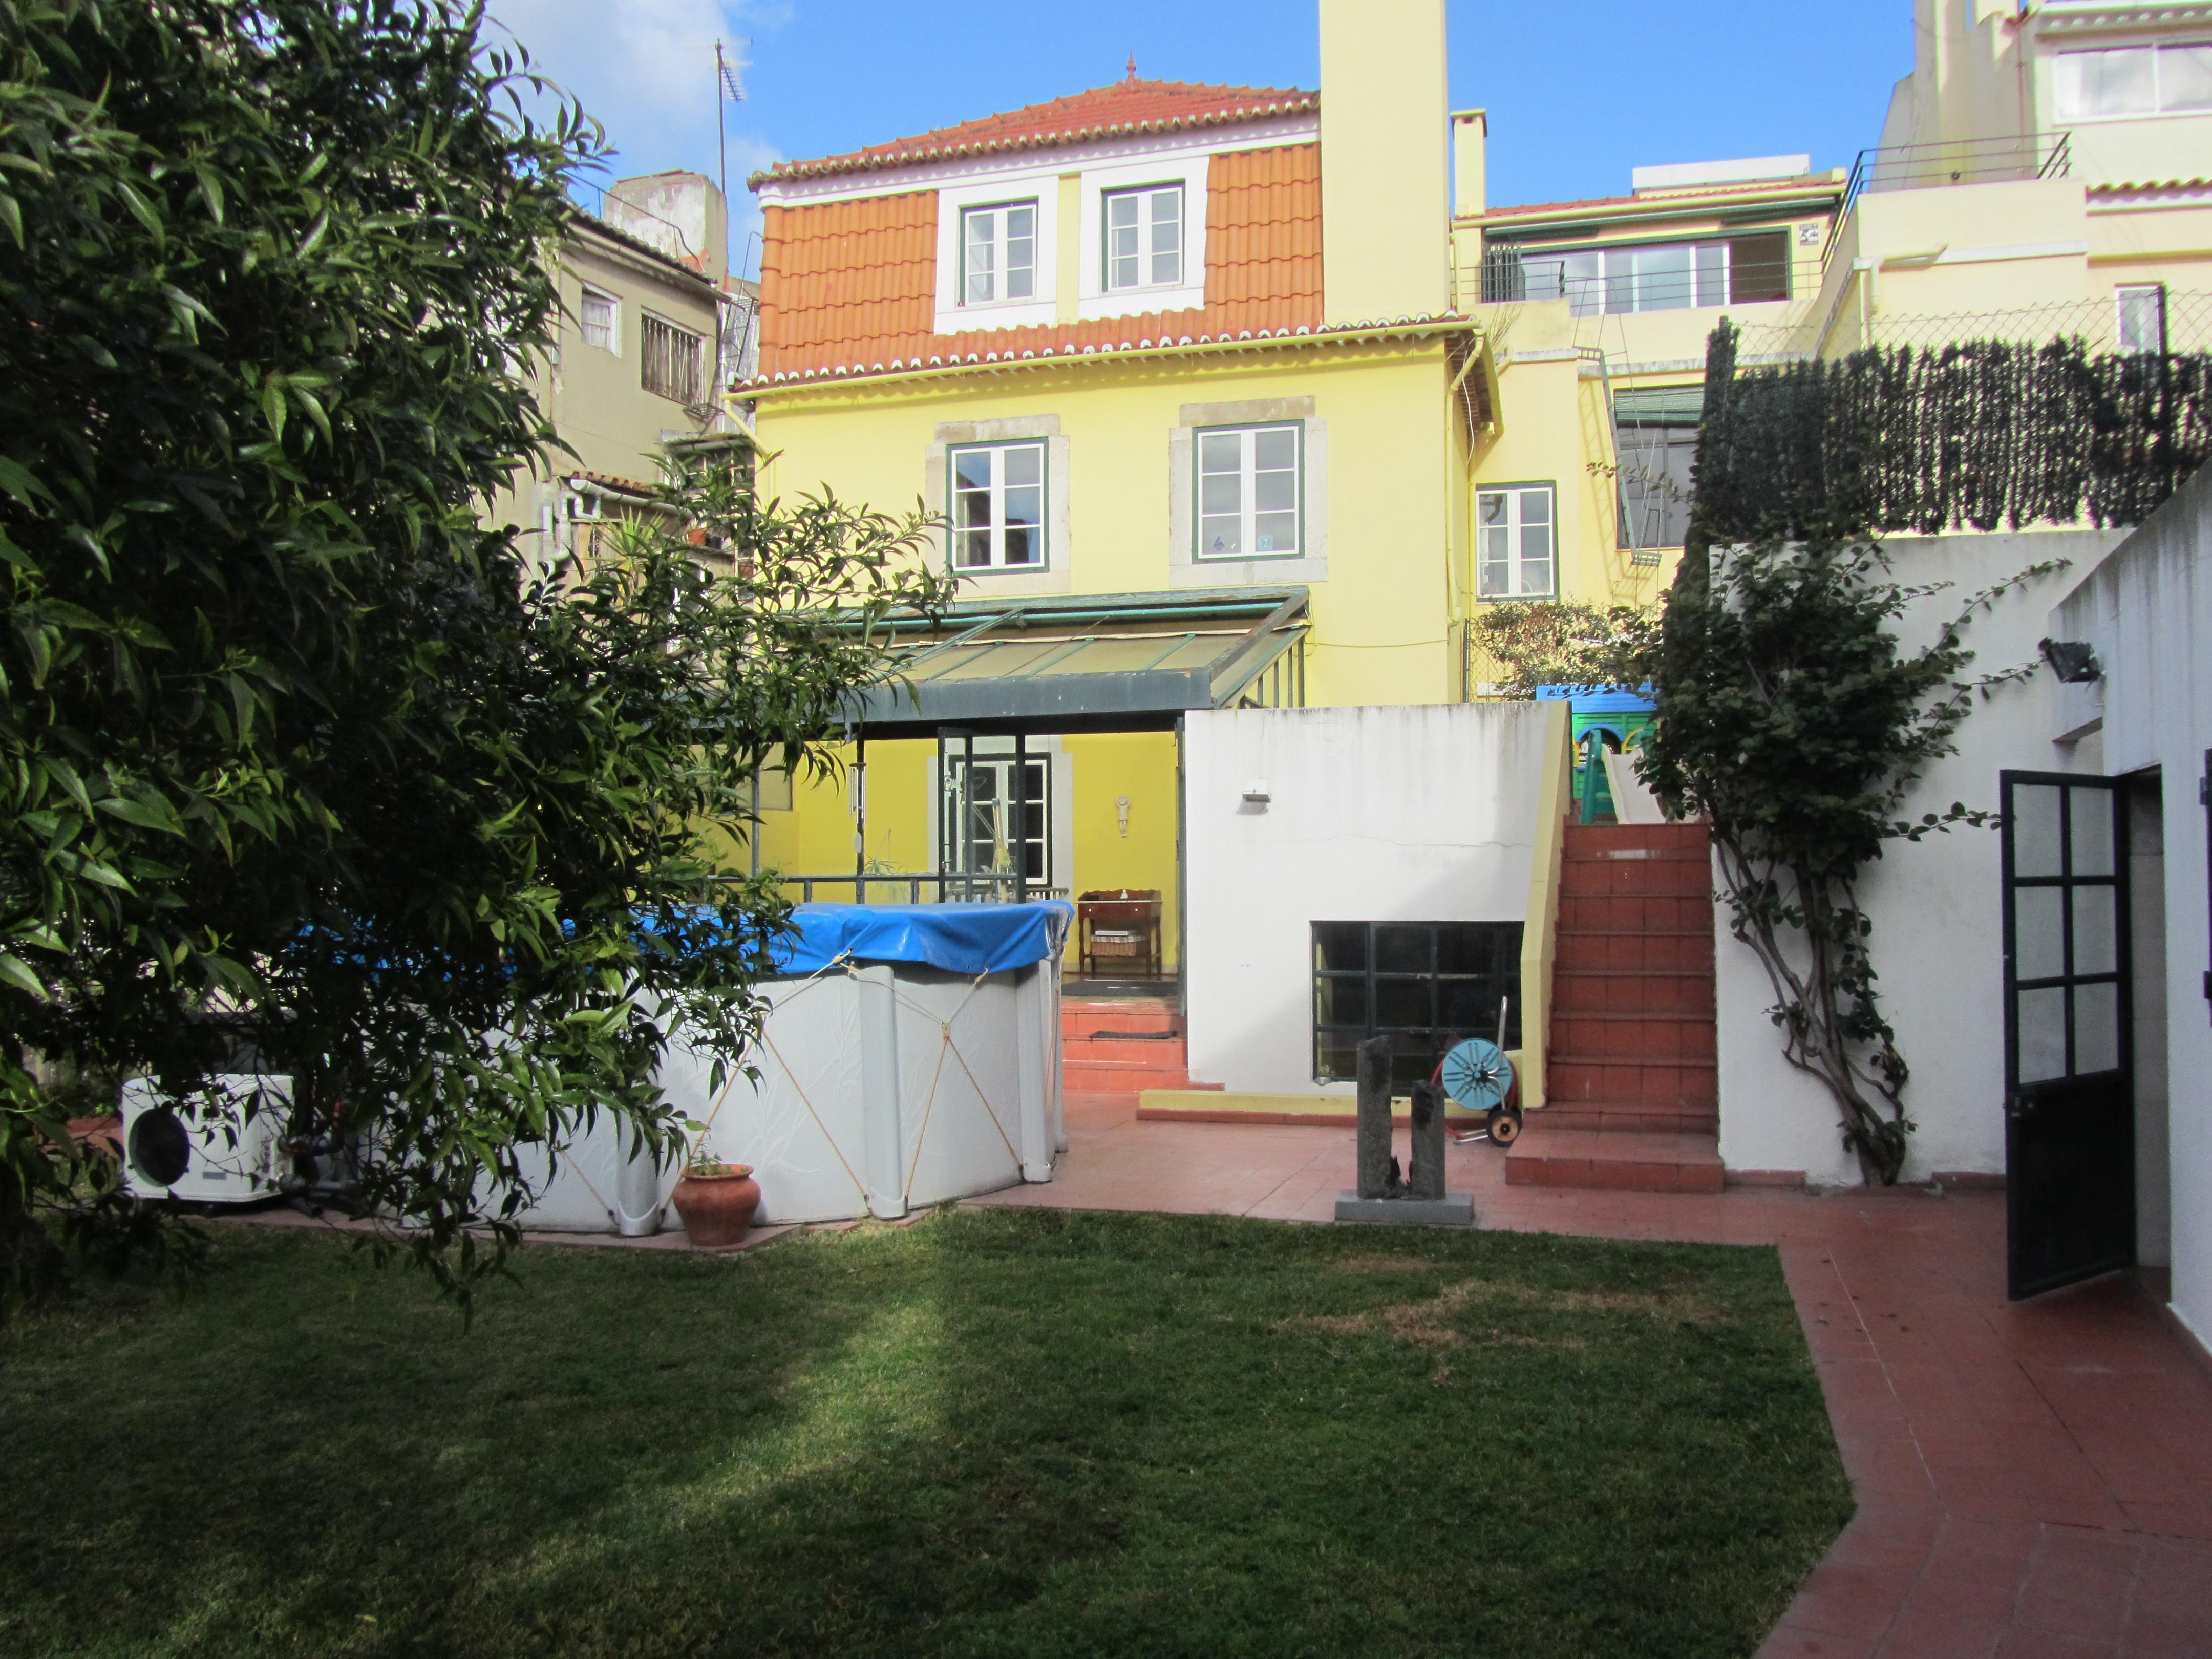 Apartamento para Venda às Flat, 5 bedrooms, for Sale Lisboa, Lisboa, 1250-184 Portugal